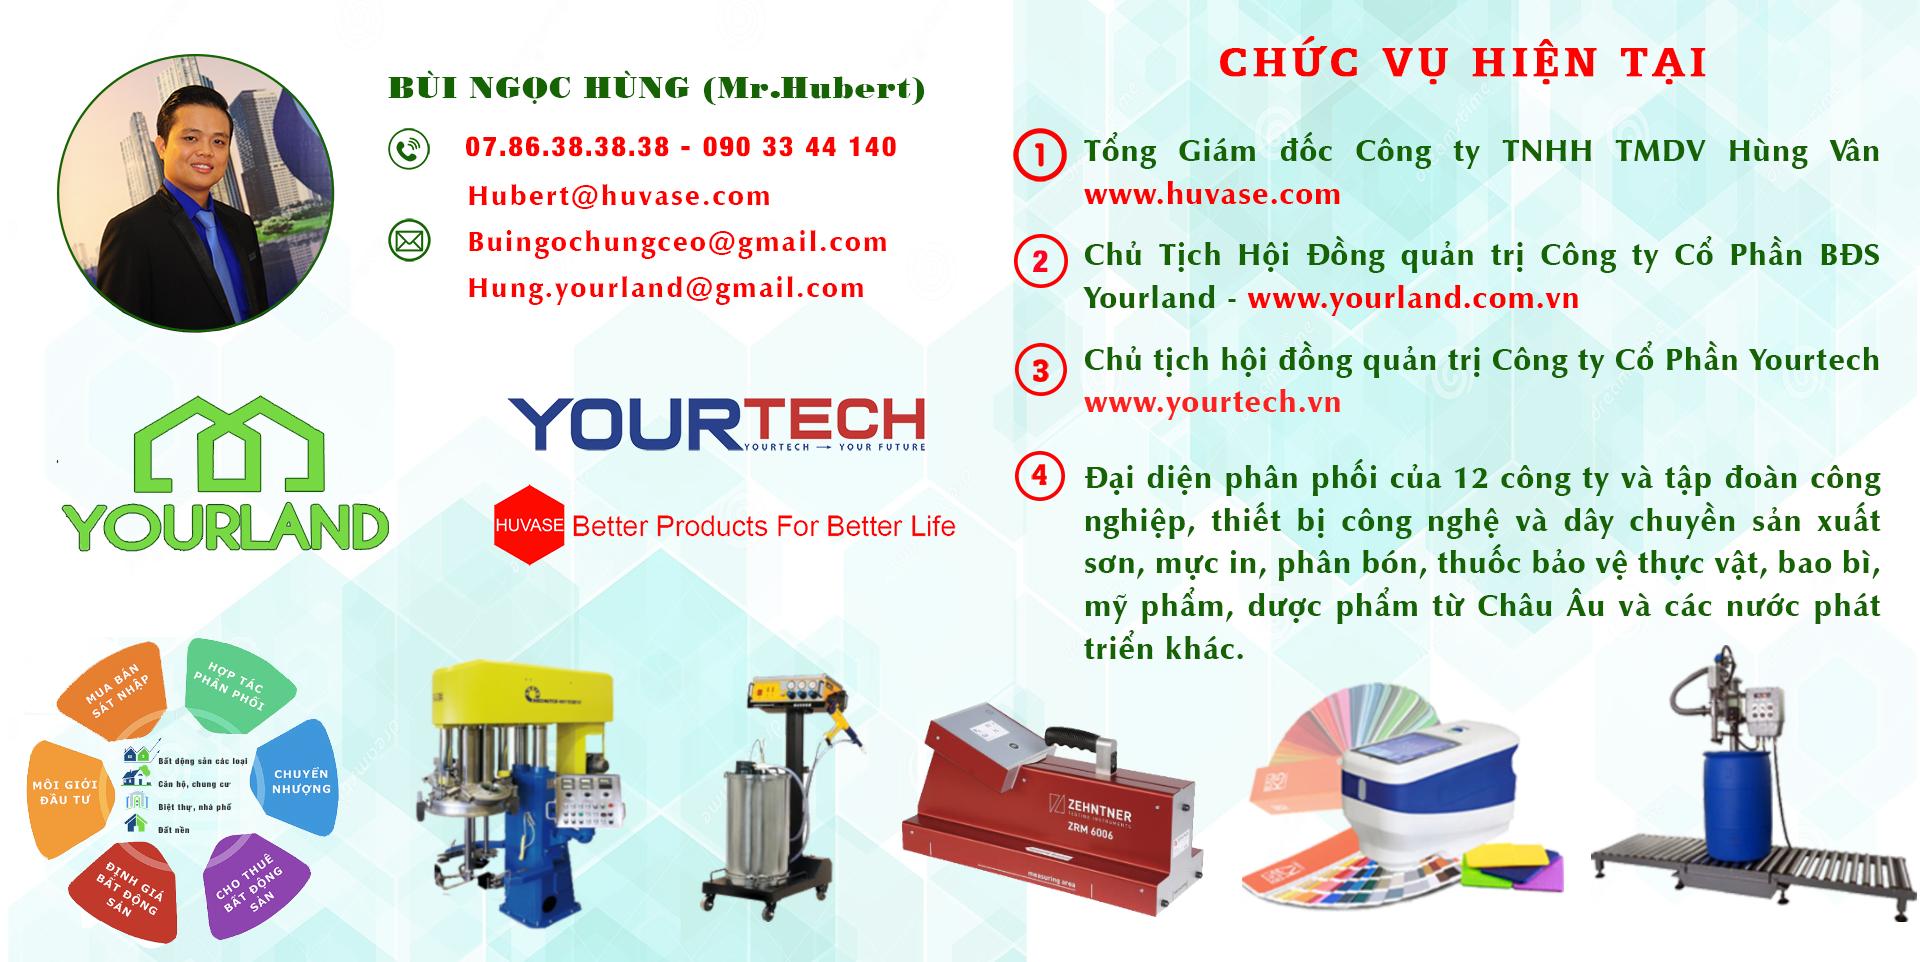 Profile cơ bản CEO Bùi Ngọc Hùng